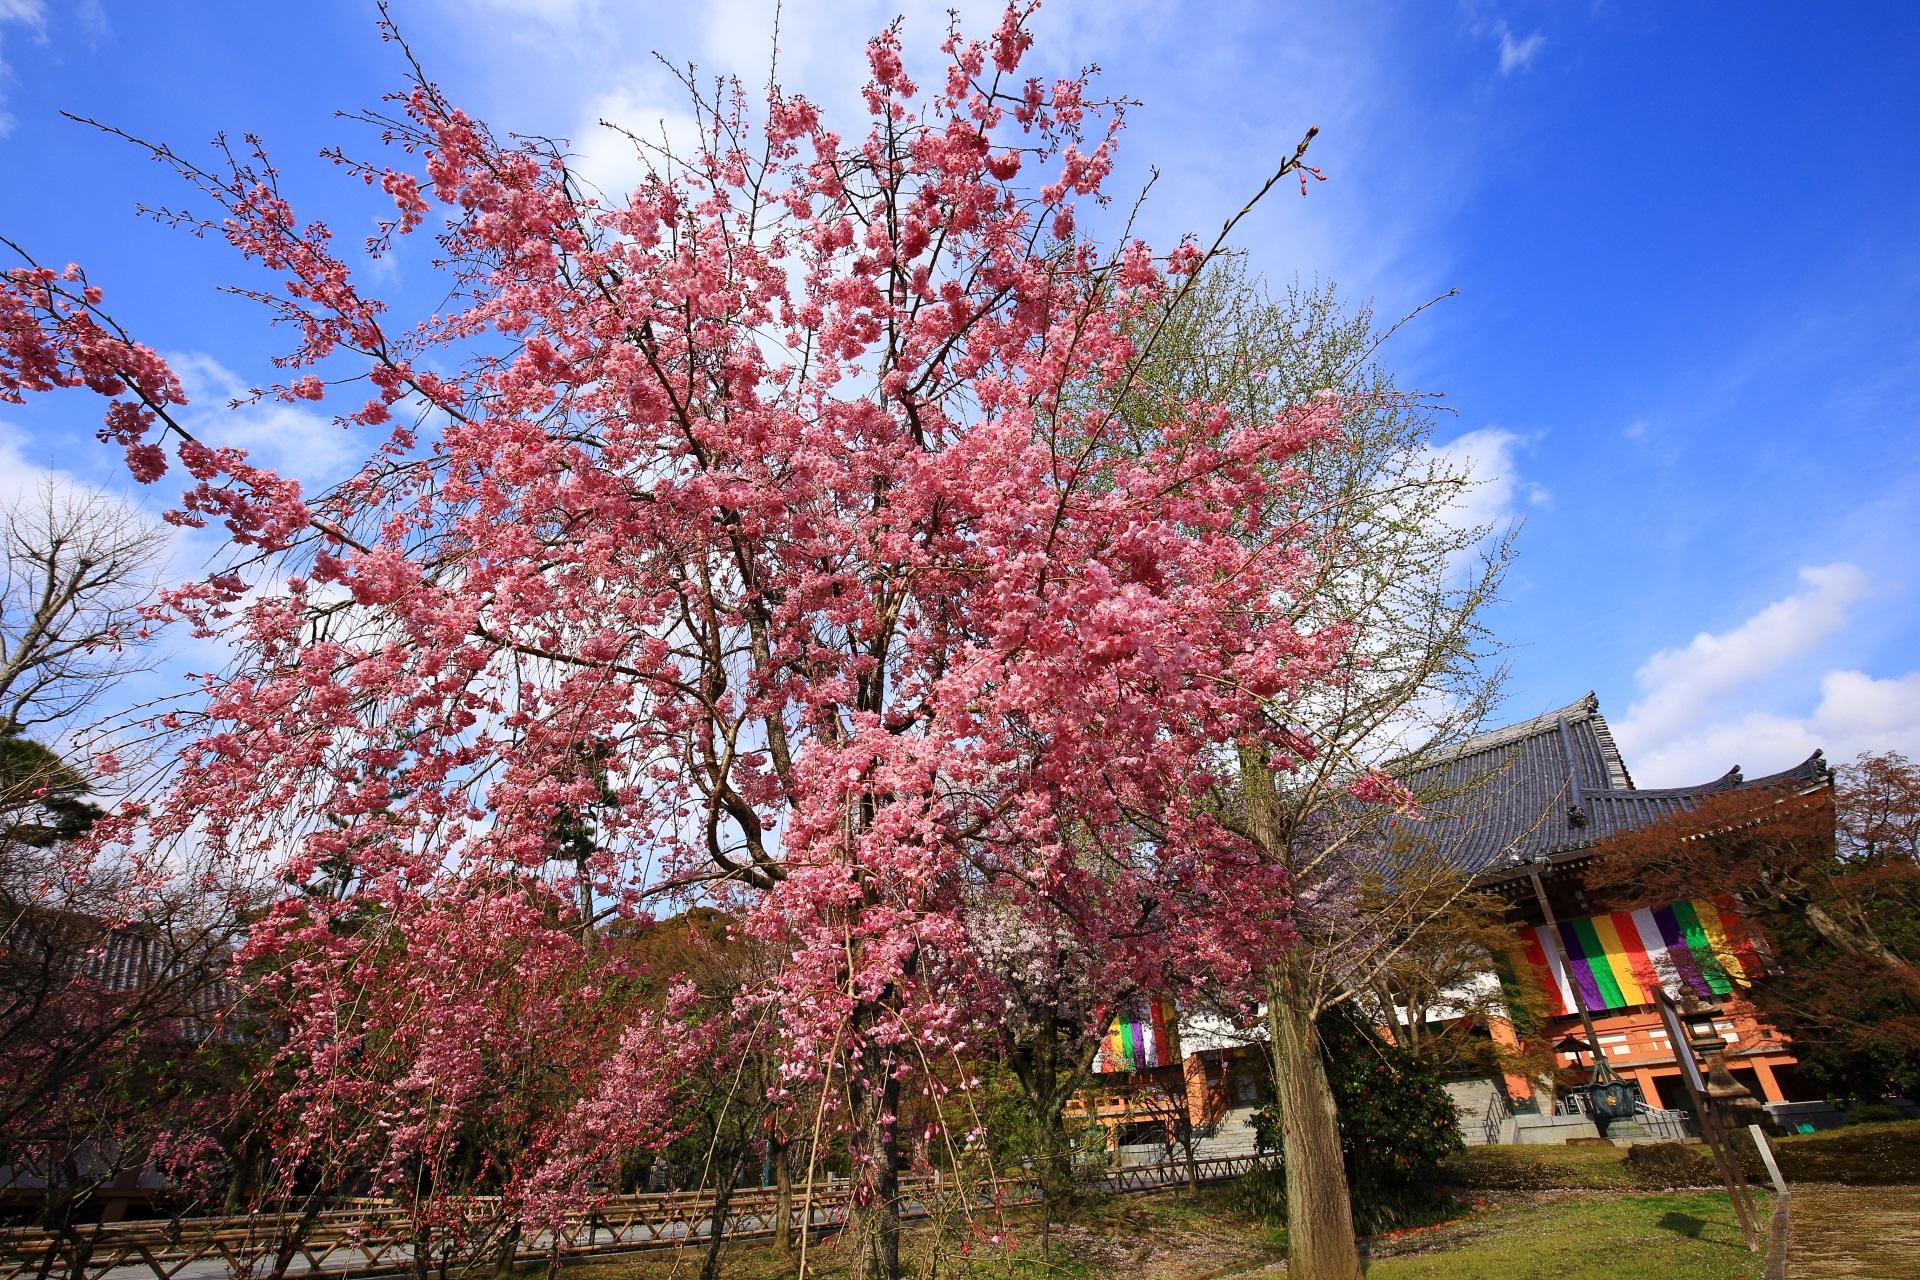 金堂前の鐘楼付近の濃いピンク色の桜